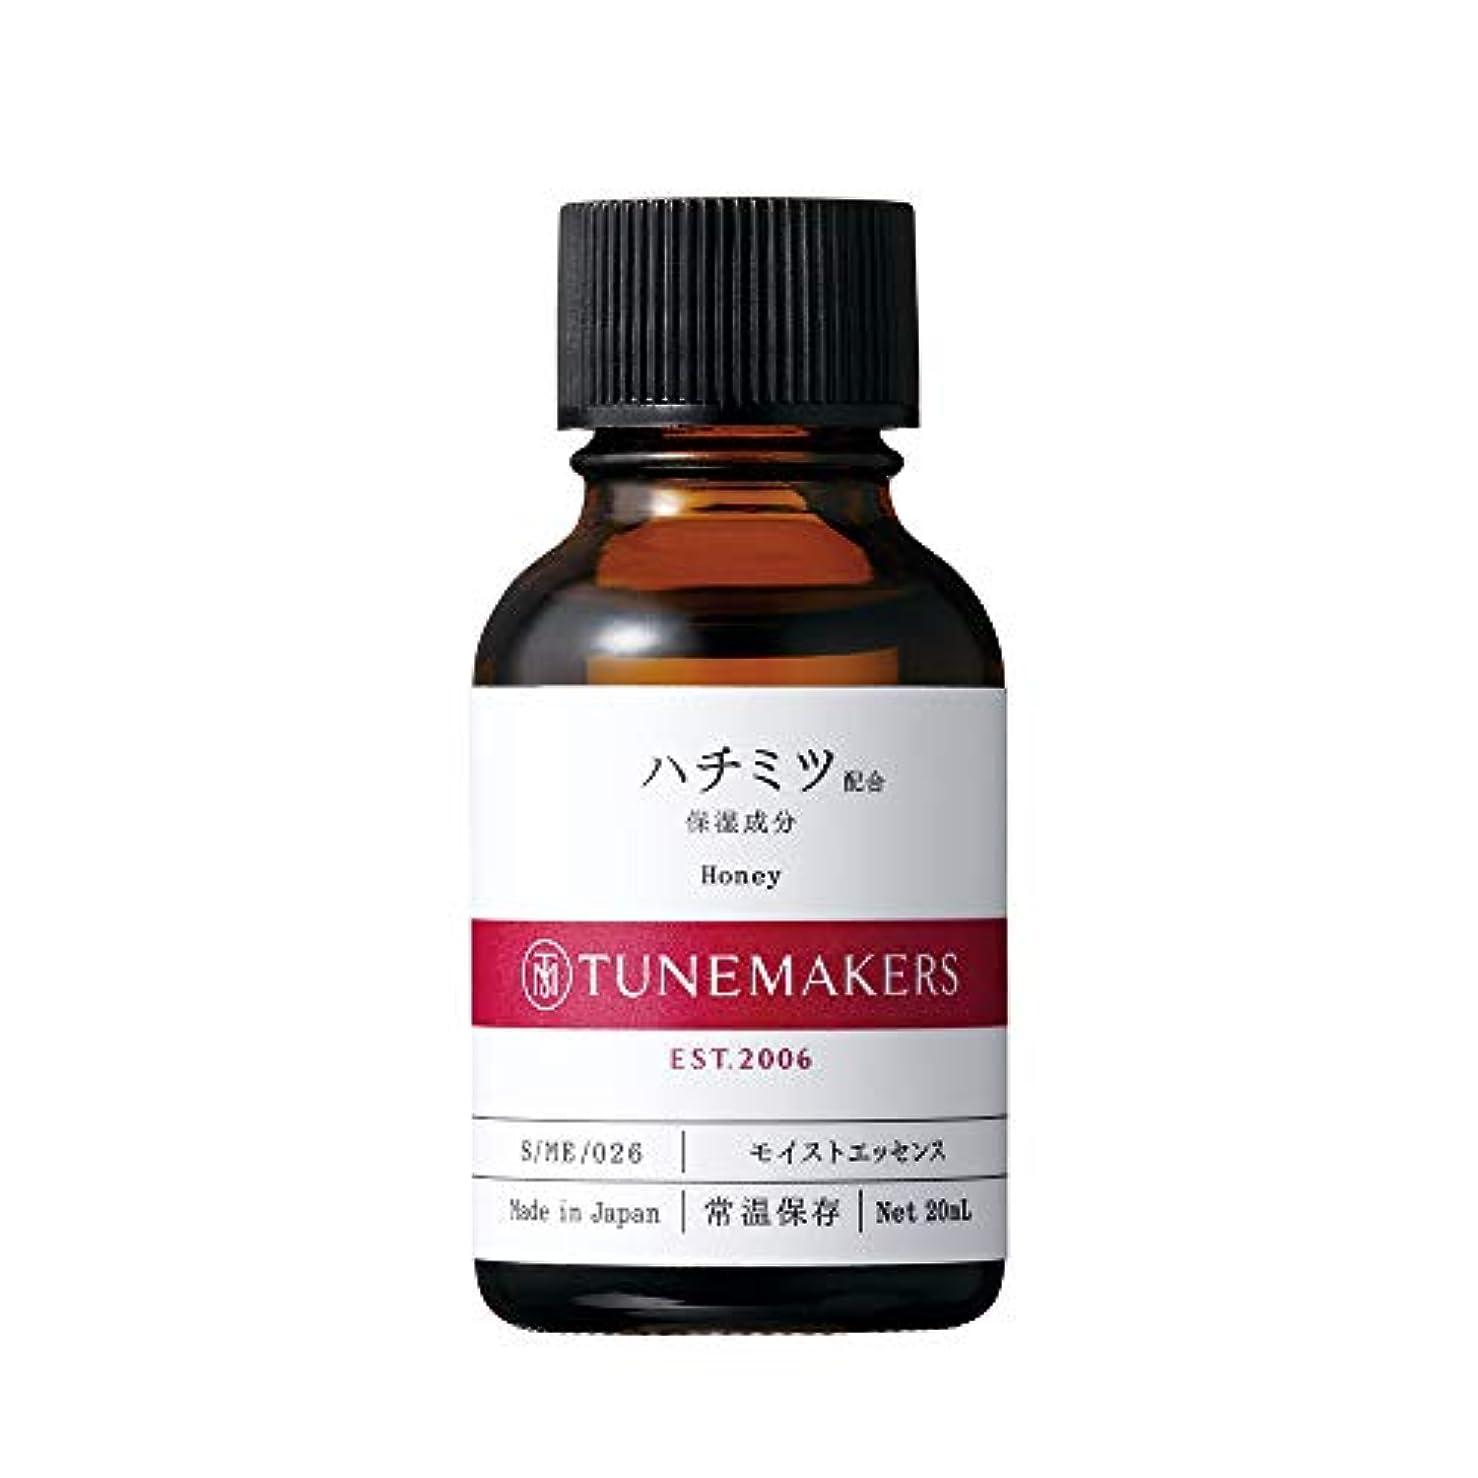 鎖床抑制するチューンメーカーズ ハチミツ 20ml 原液美容液 [乾燥ケア] リニューアル商品